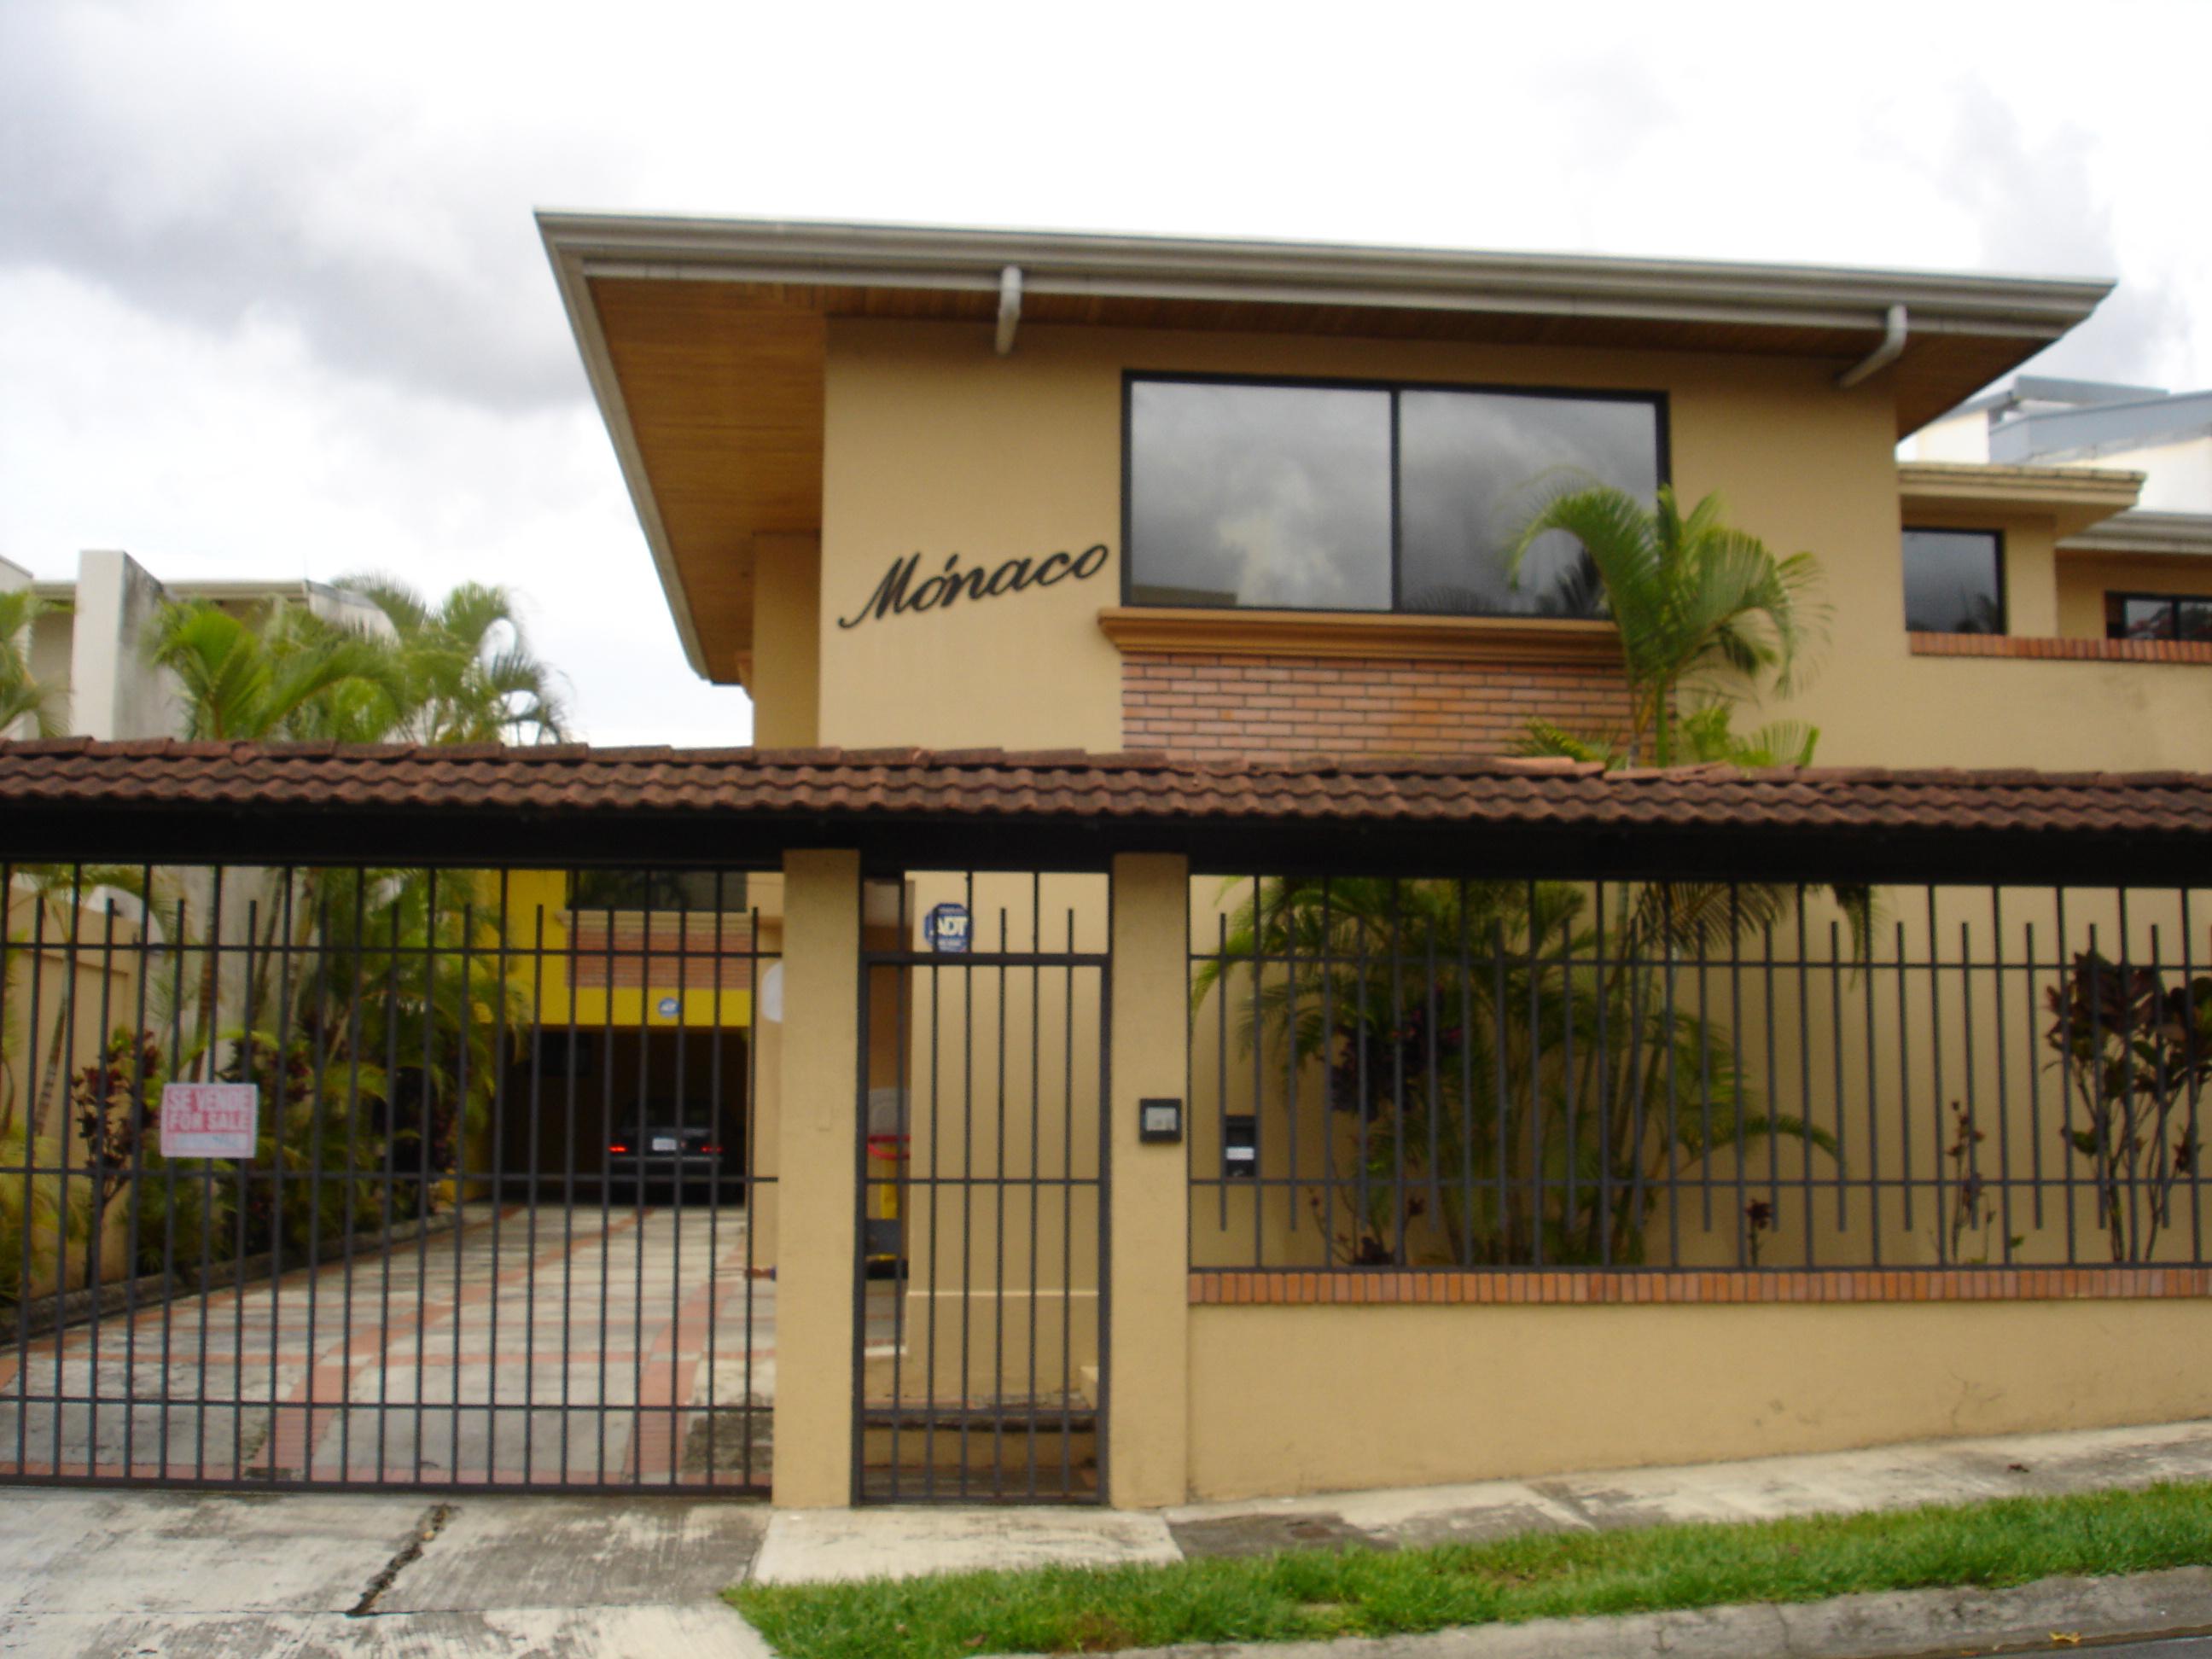 $270,000 3 bed HOME with BACKYARD Escazu, Trejos Montealegre near Avenida Escazu